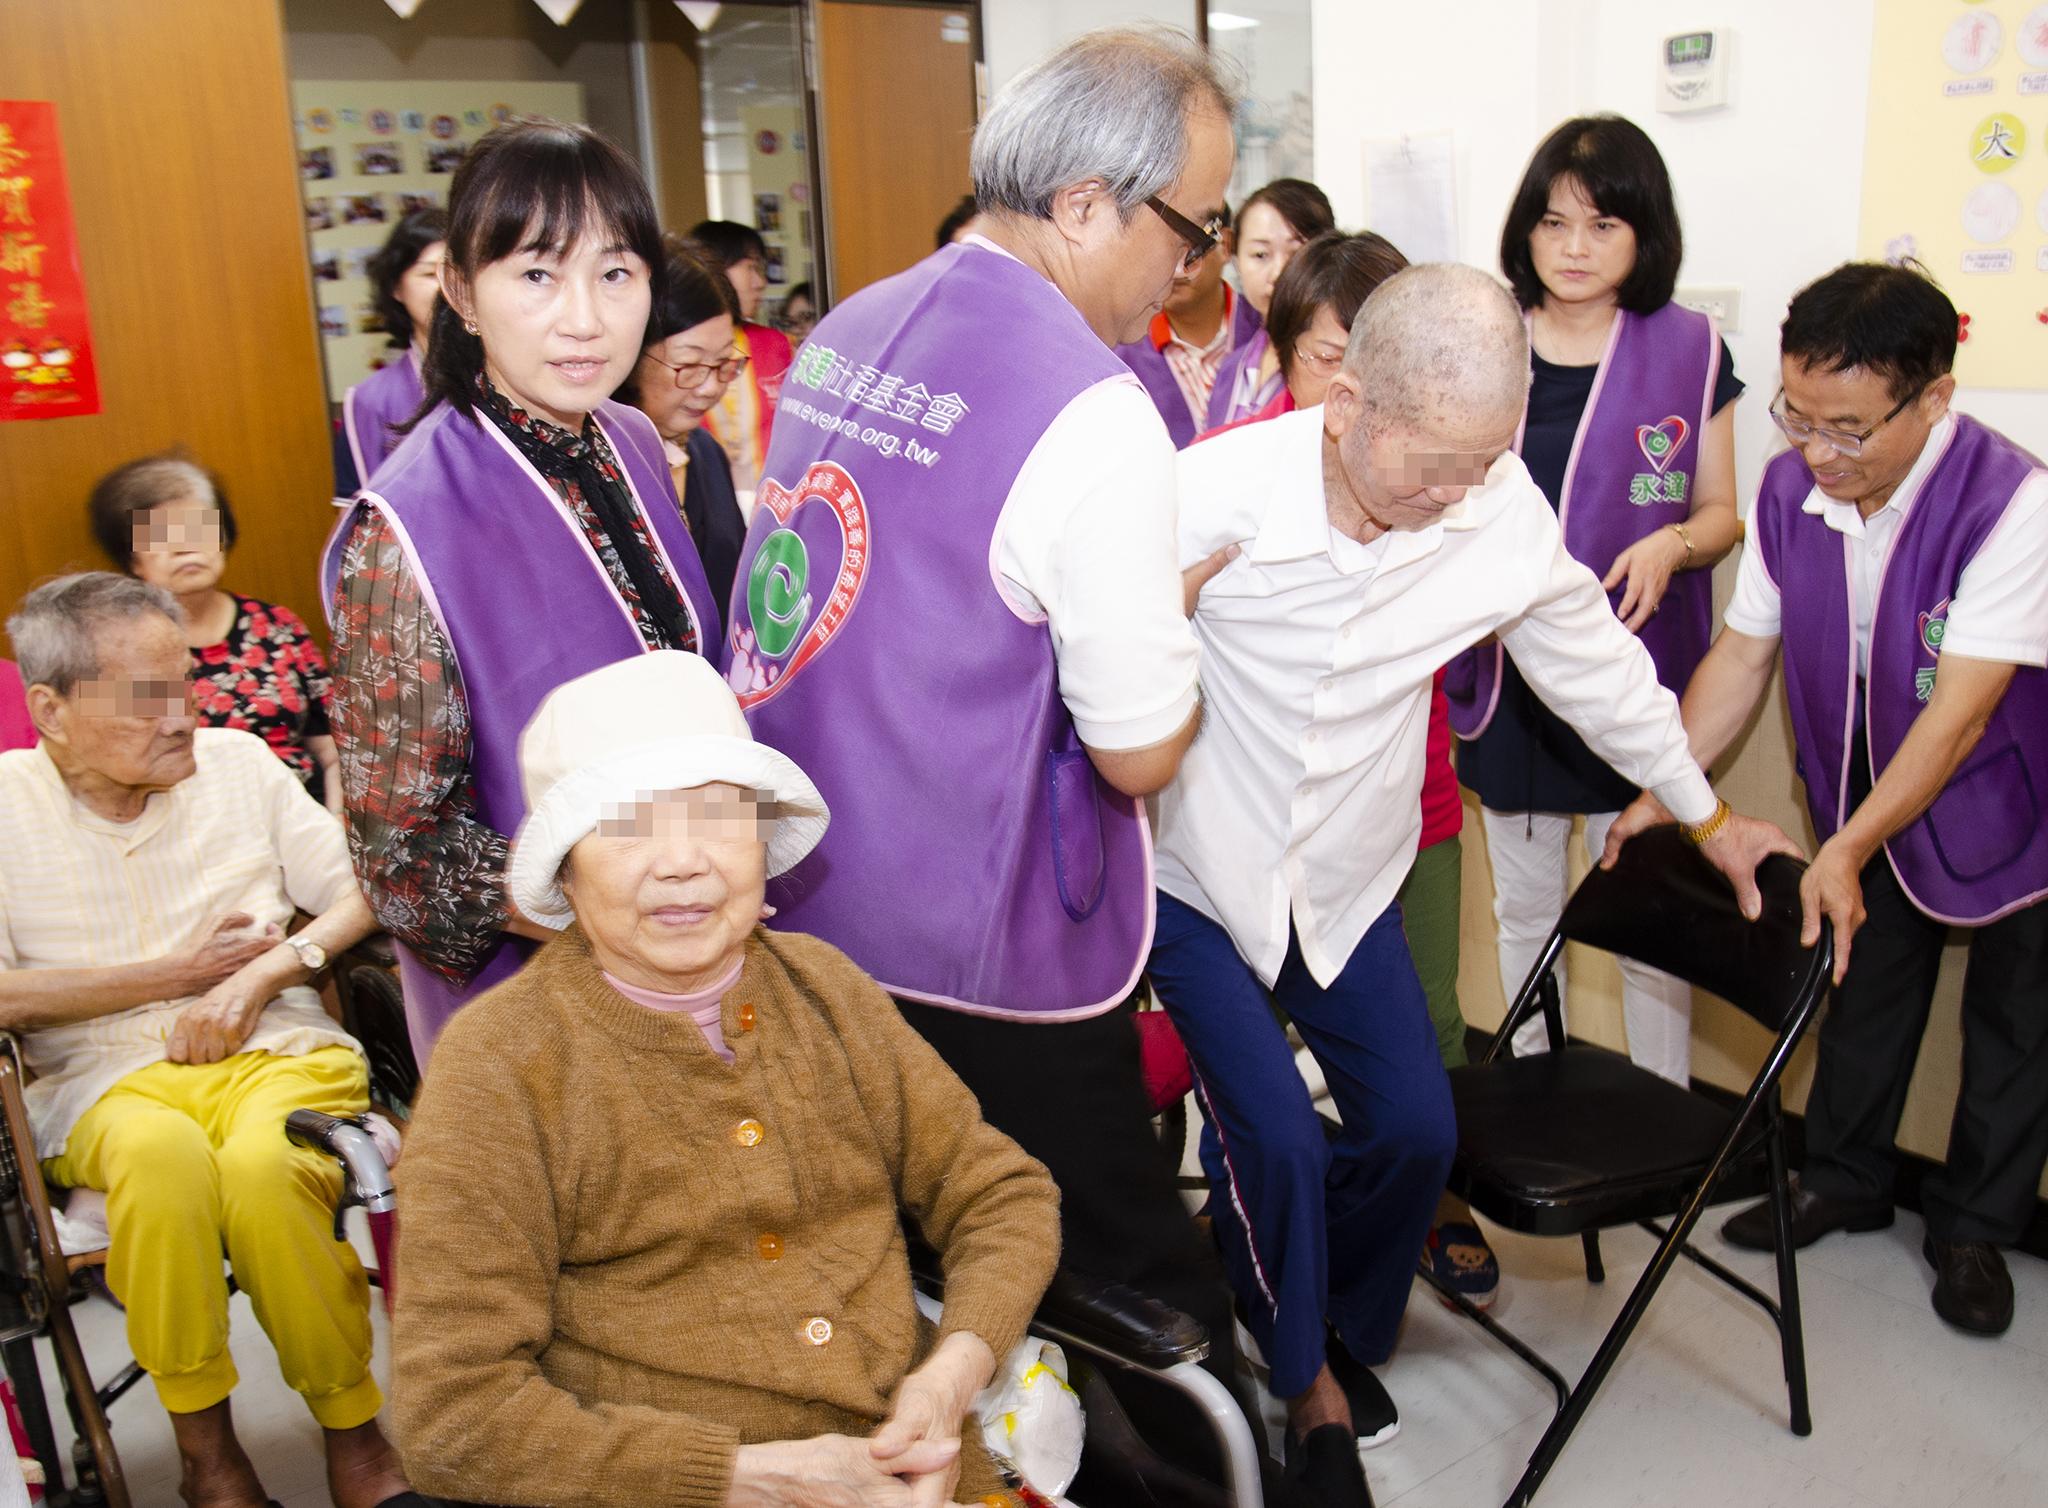 永達志工熱心協助行動不便長者入坐。